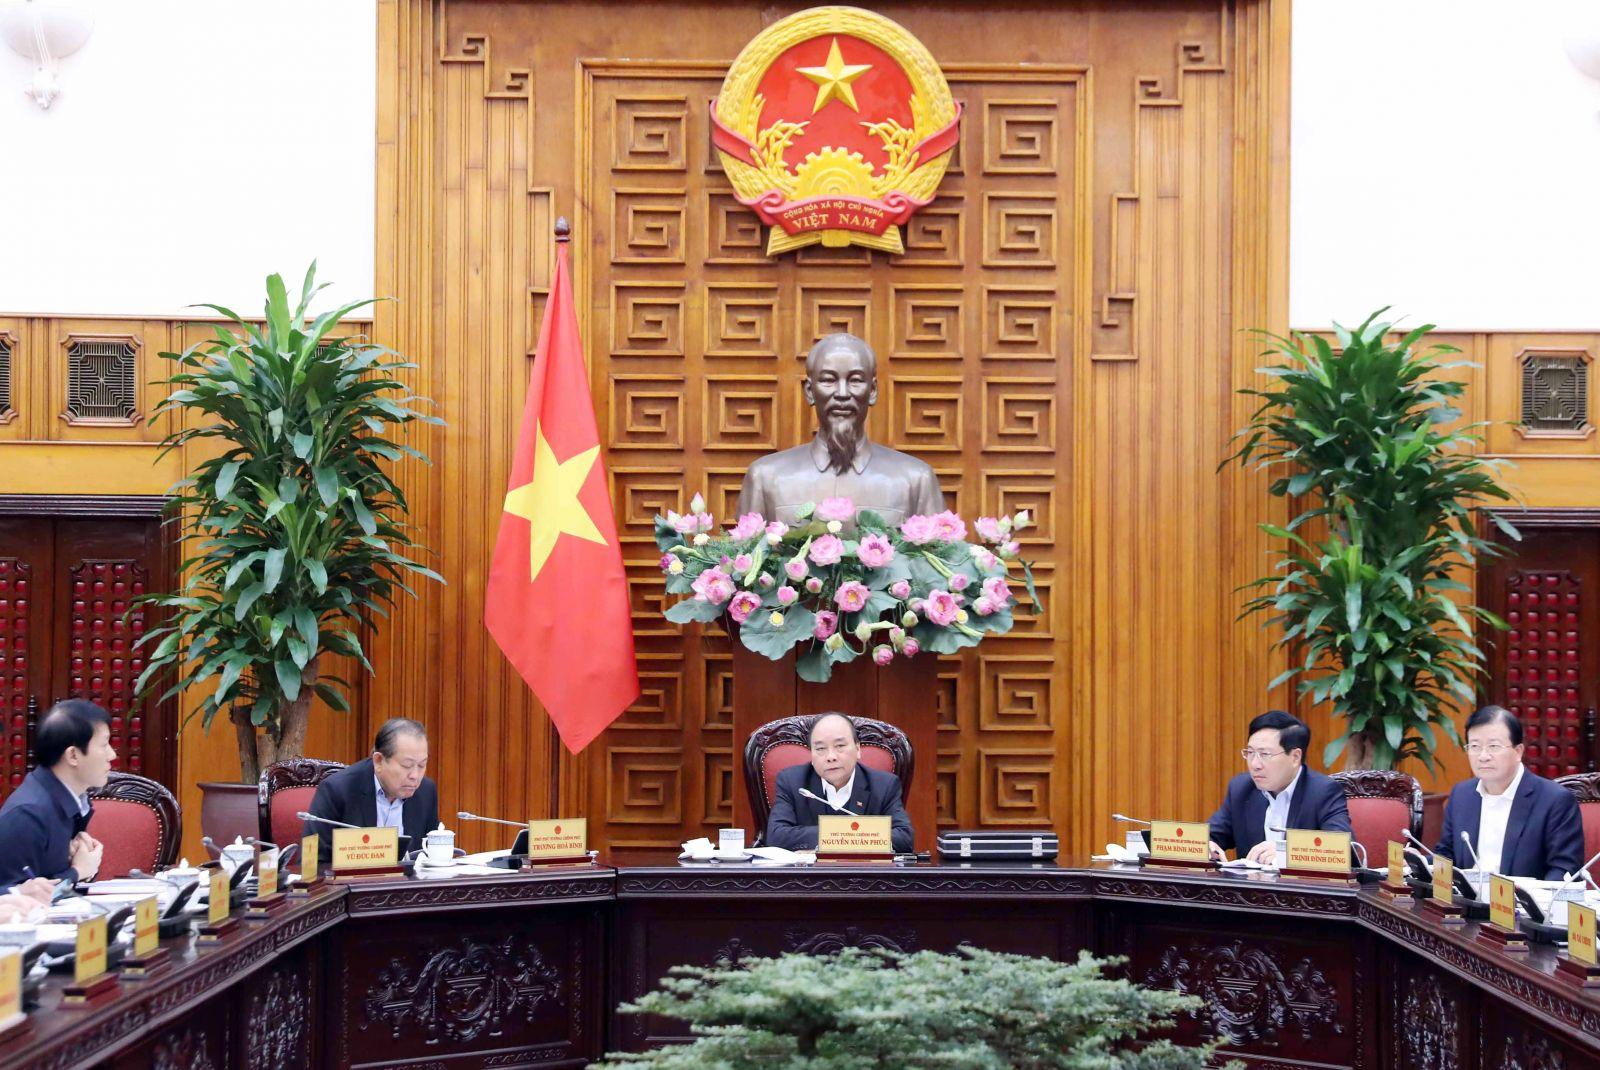 Thủ tướng Nguyễn Xuân Phúc phát biểu tại cuộc họp. Ảnh: VGP/Quang Hiếu